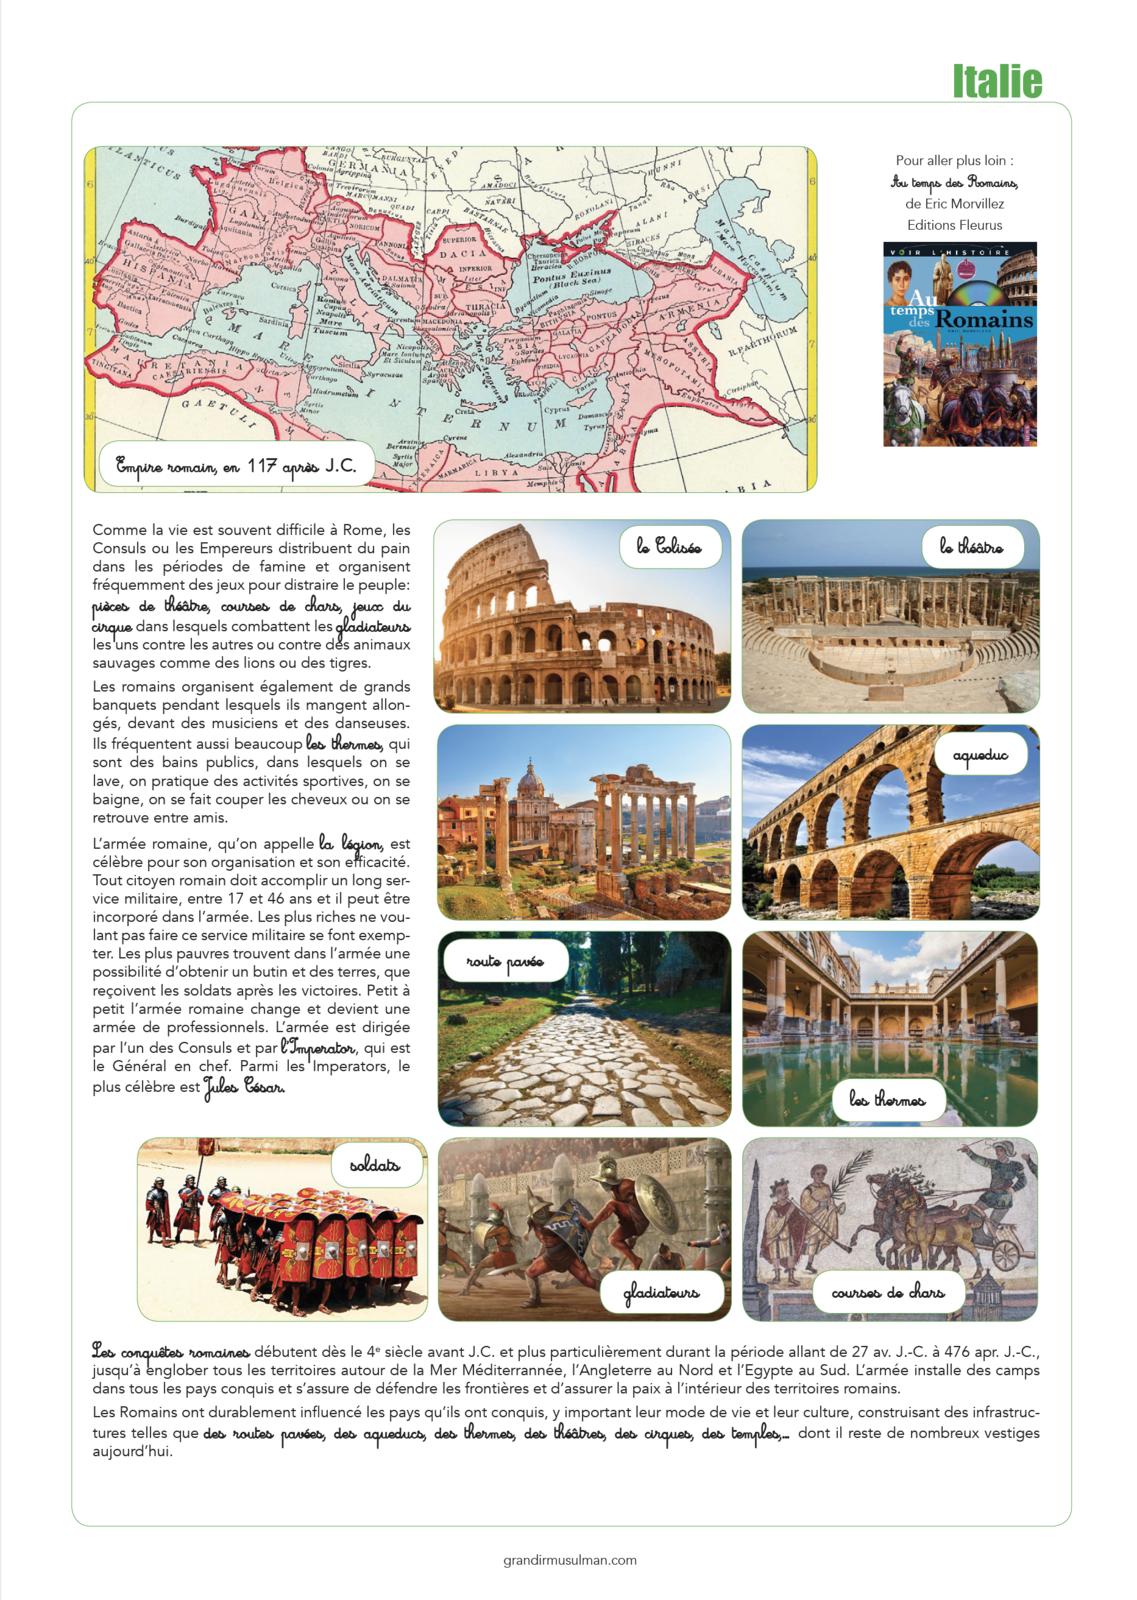 Notre tour du monde : Italie